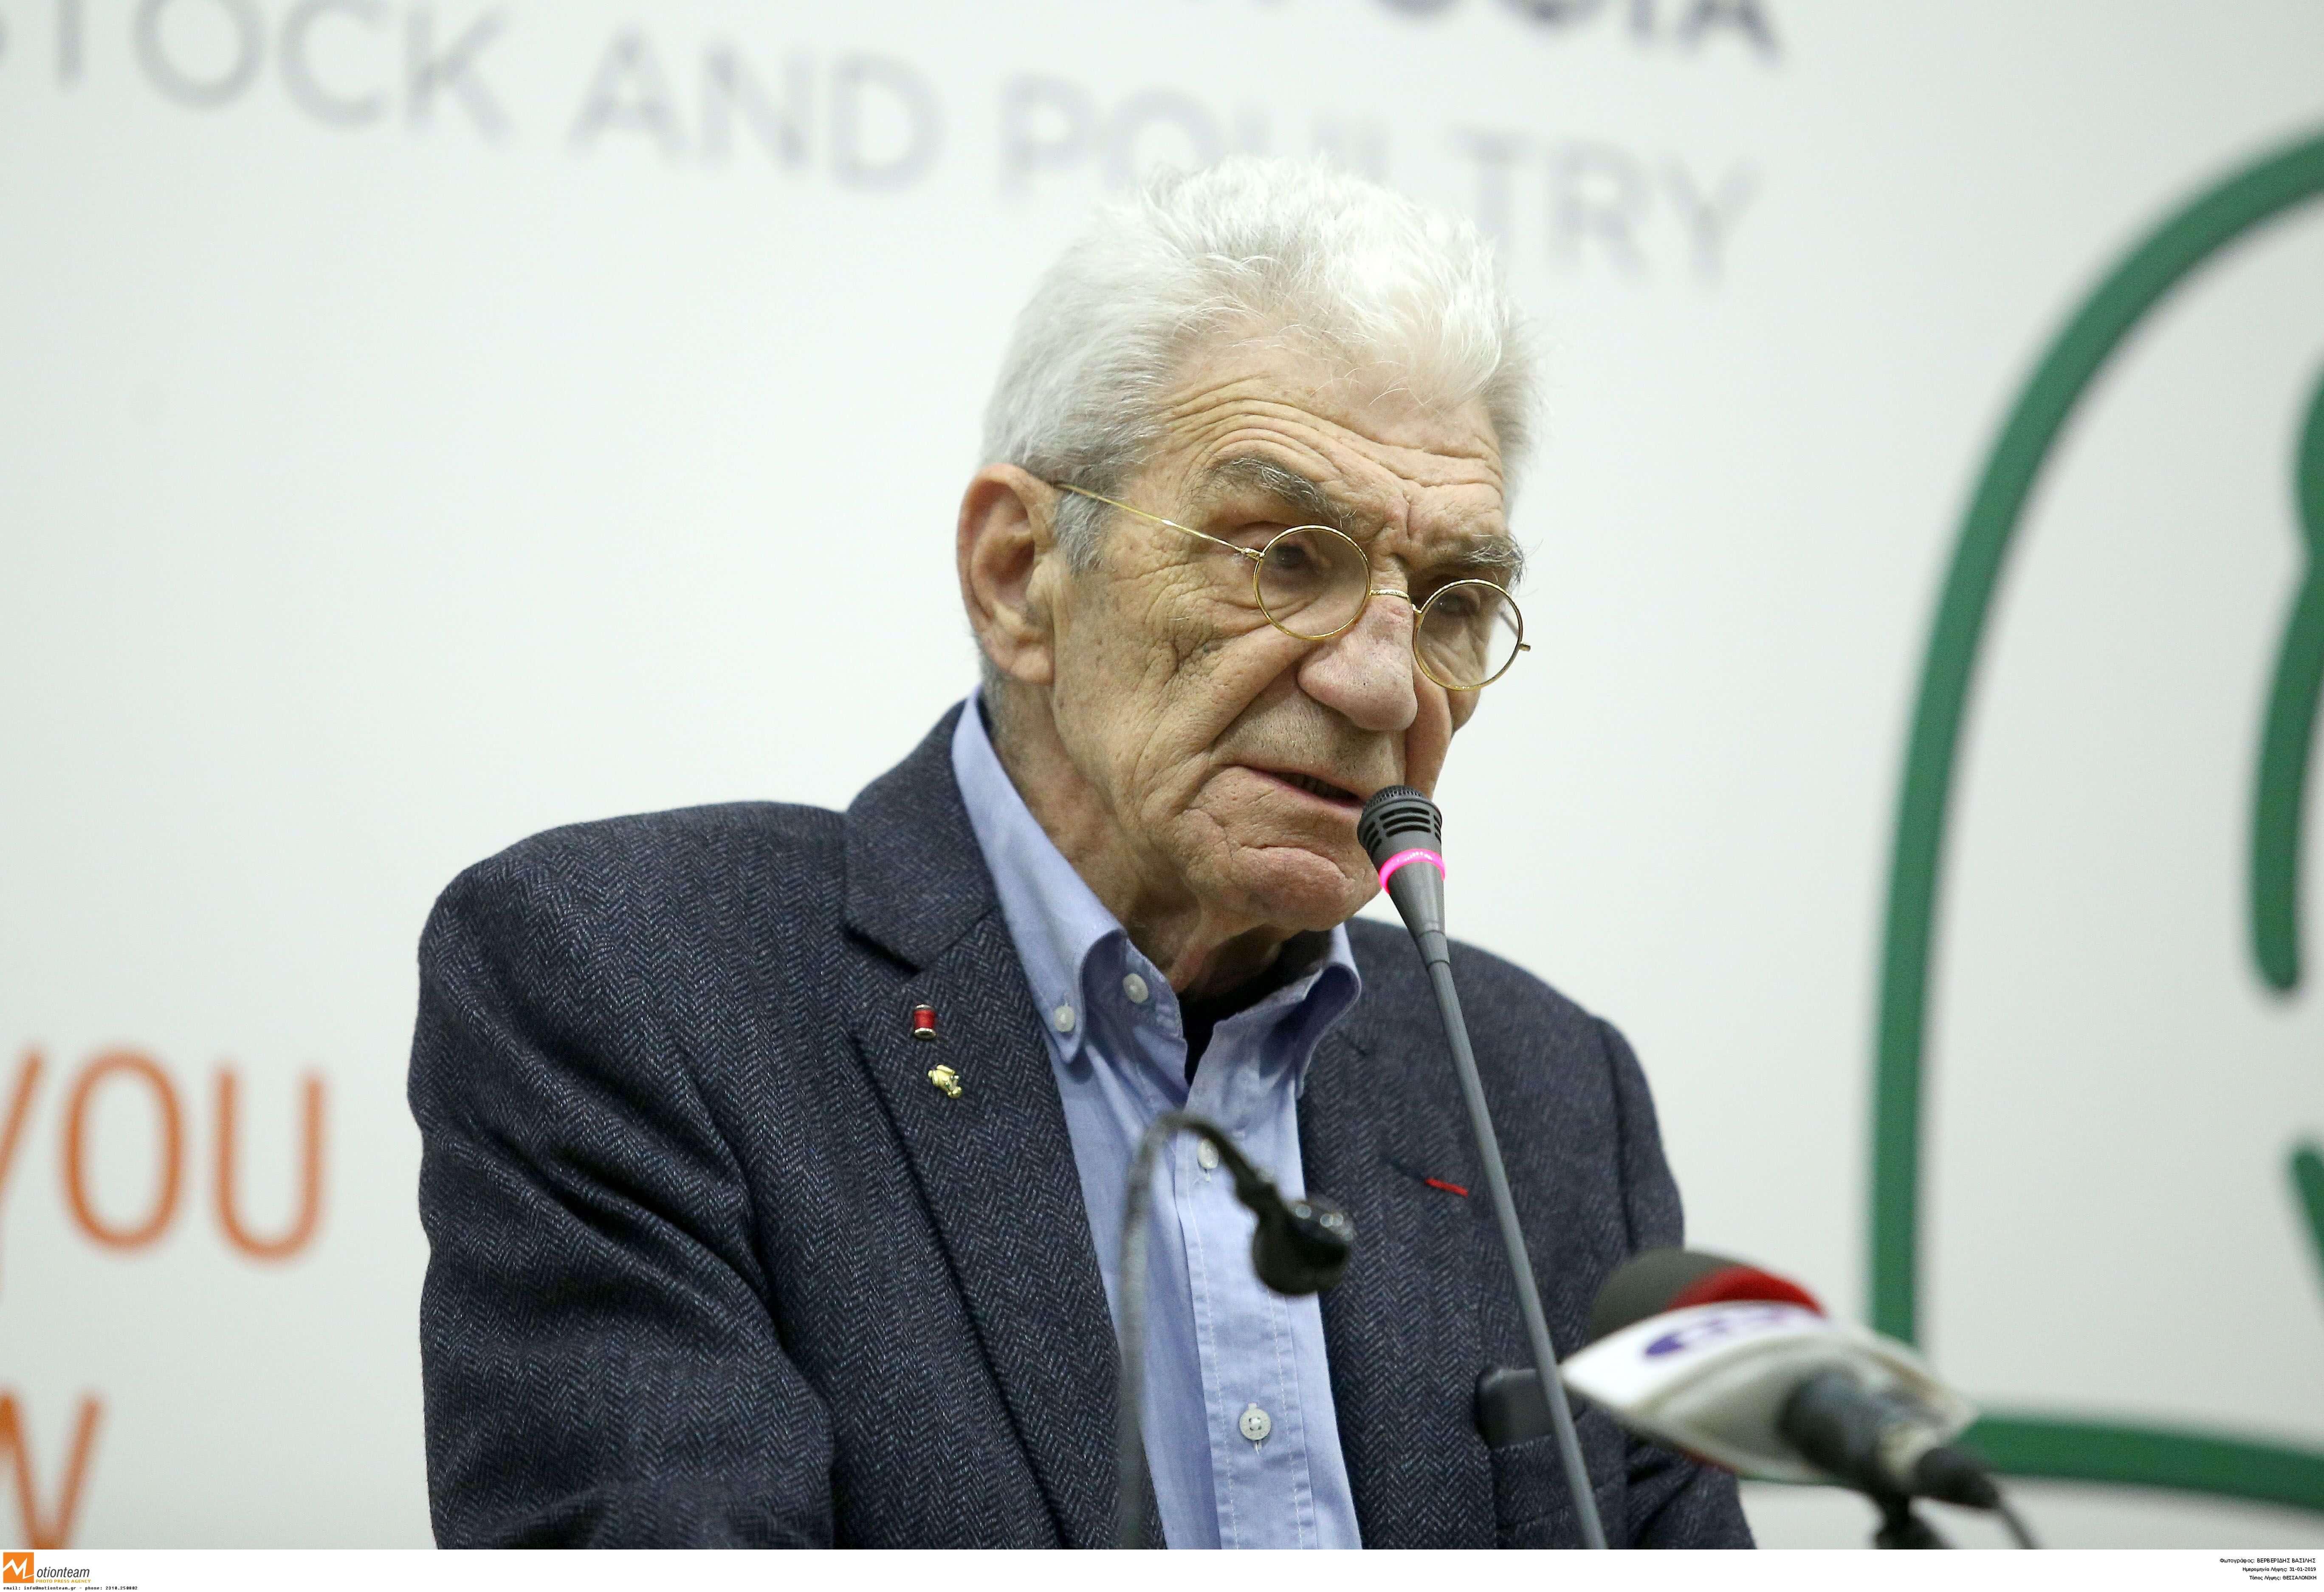 Διαψεύδει ο Μπουτάρης ότι θα συμμετέχει στο ευρωψηφοδέλτιο του ΣΥΡΙΖΑ